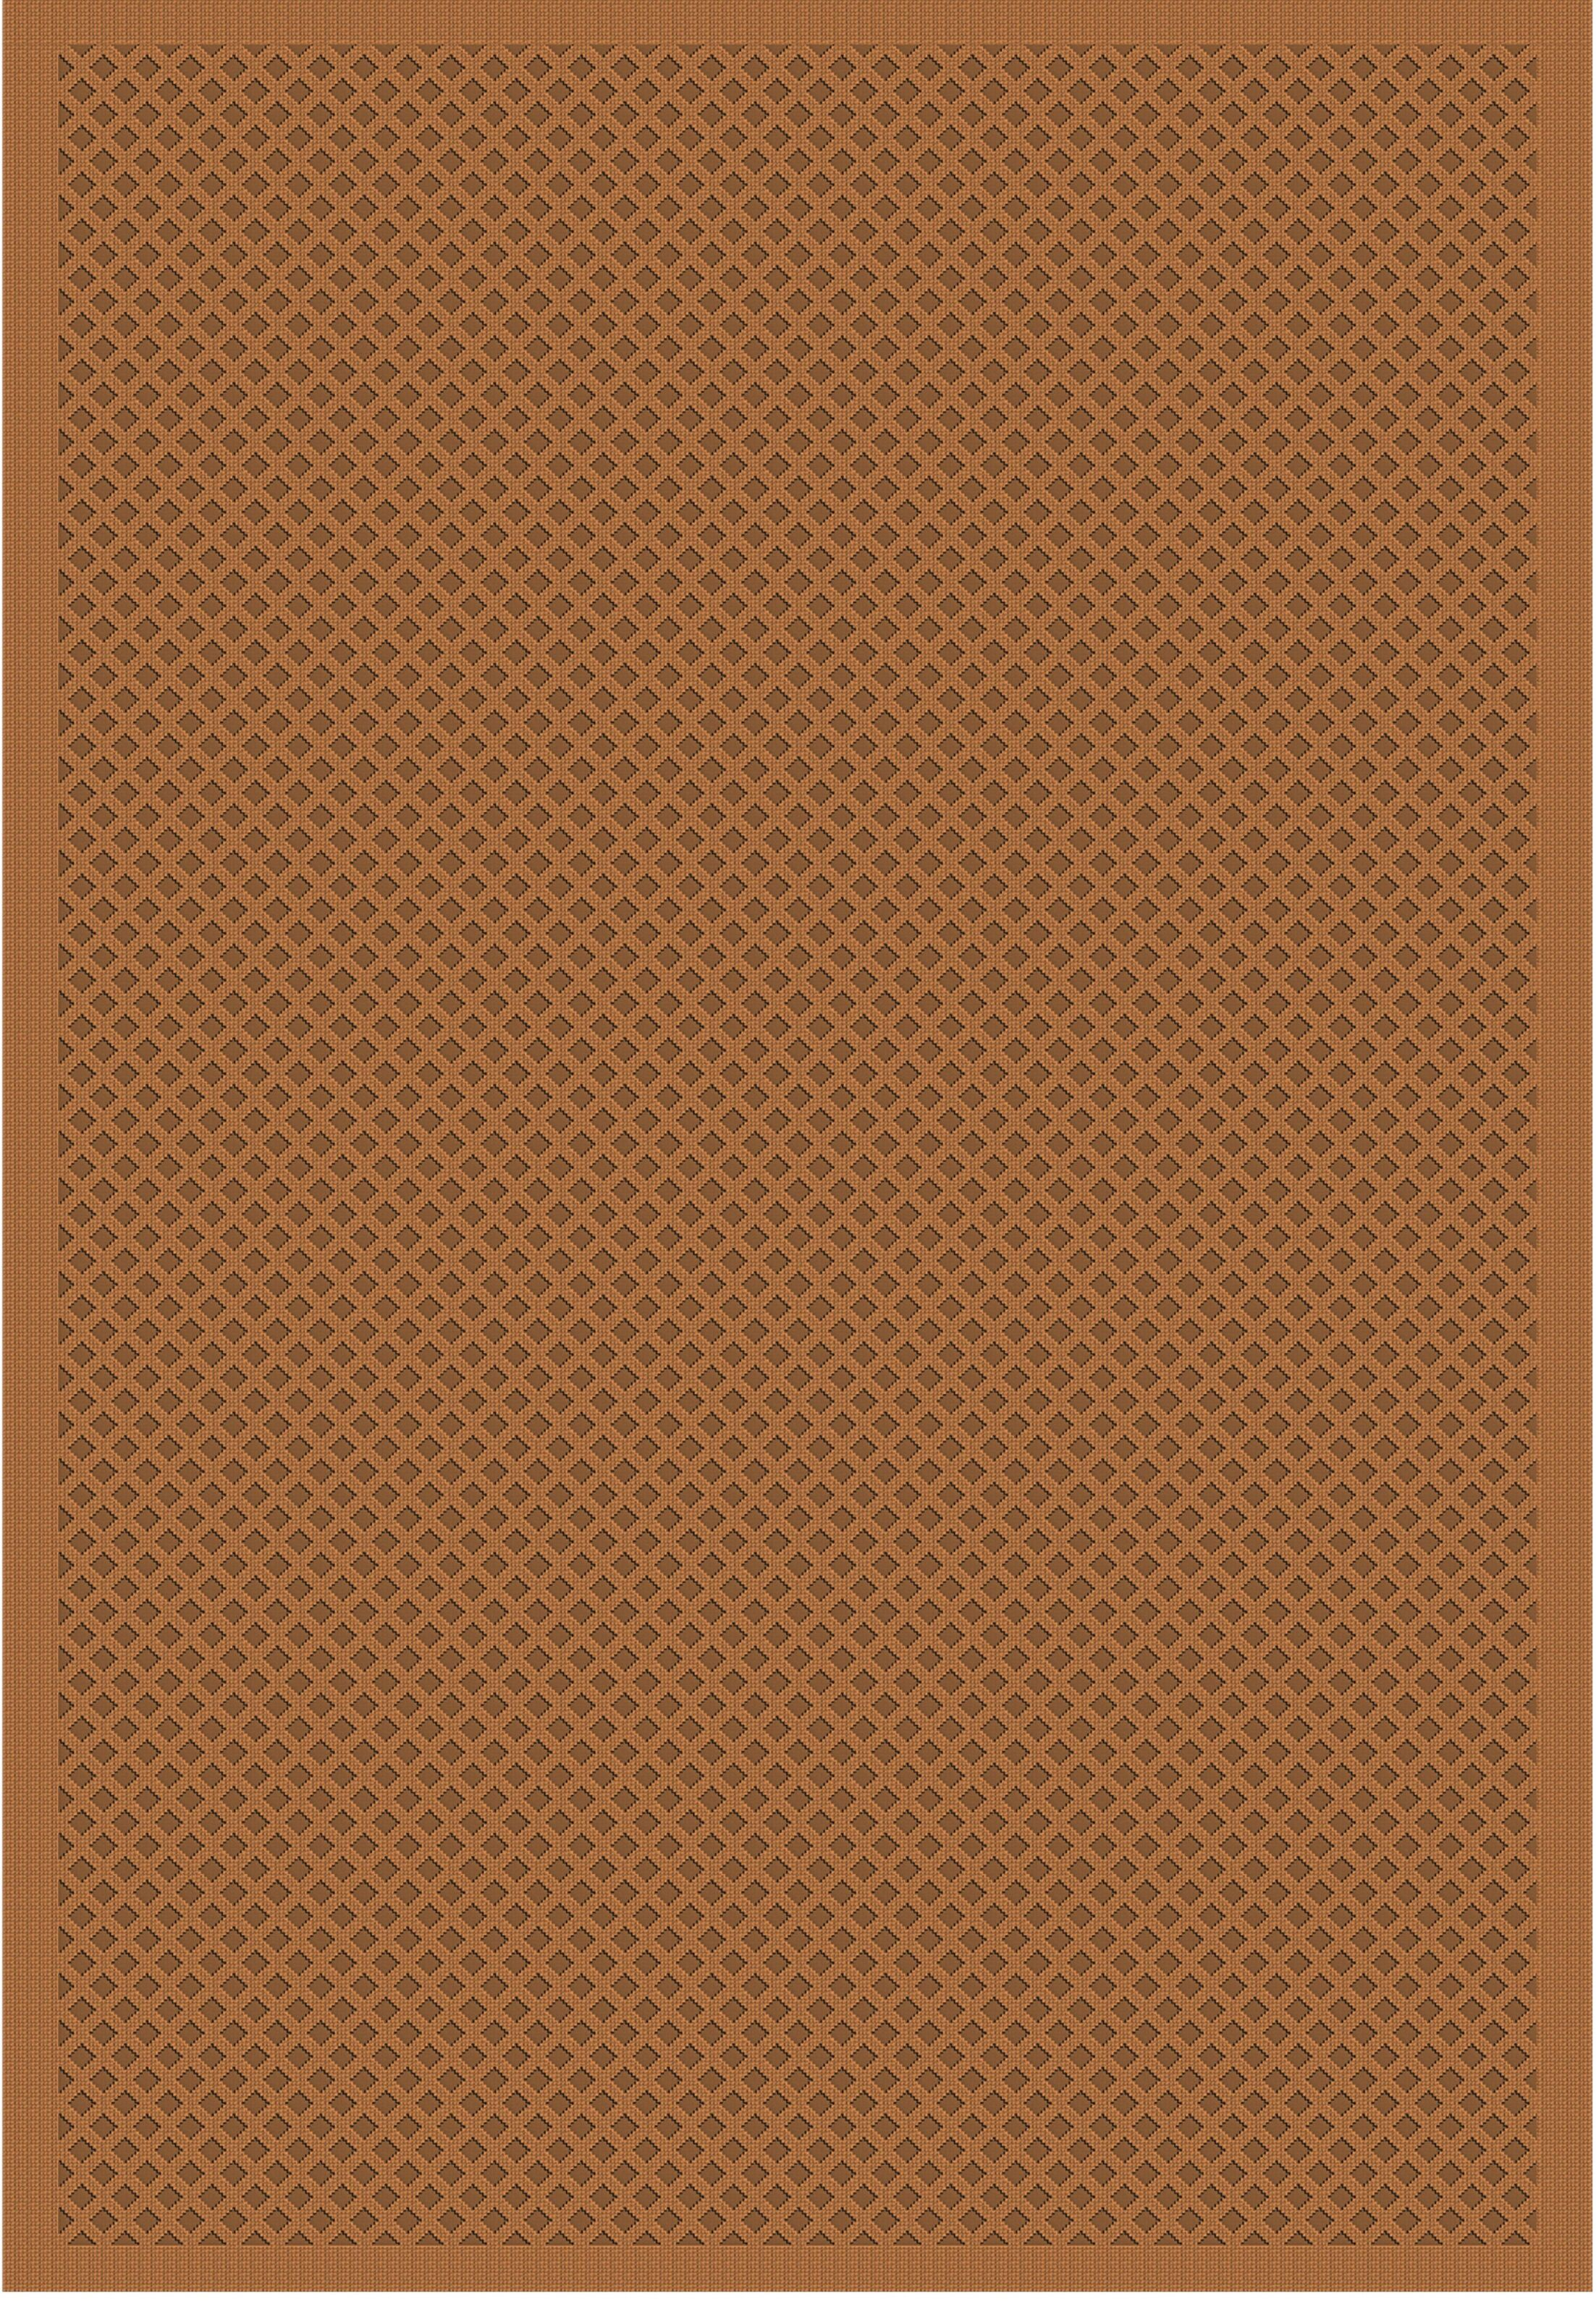 Cheshire Trellis Nutmeg Rug Rug Size: 8' x 10'